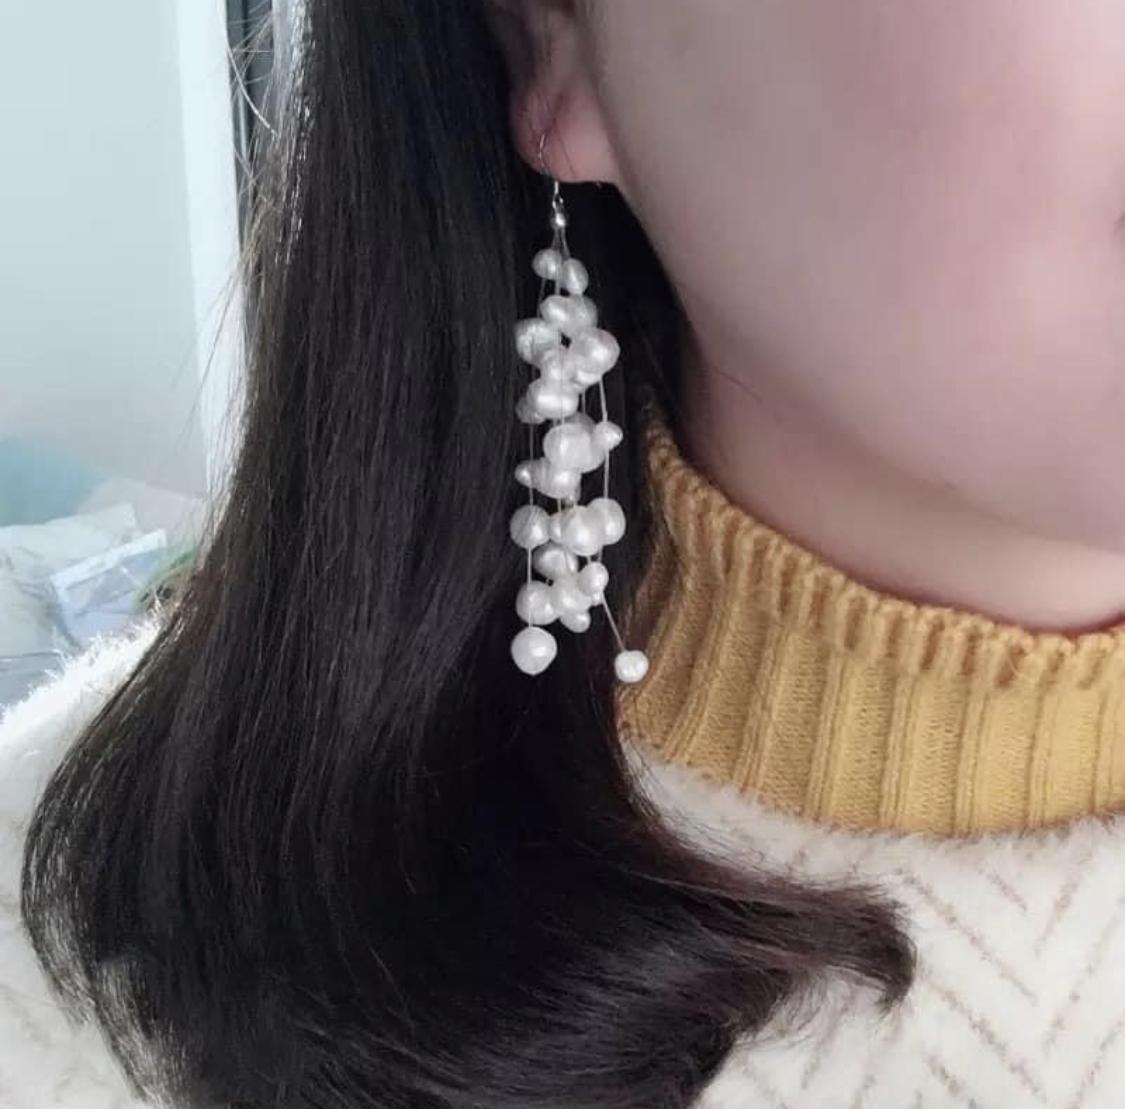 Náušnice z pravých perel - Obrázek č. 1